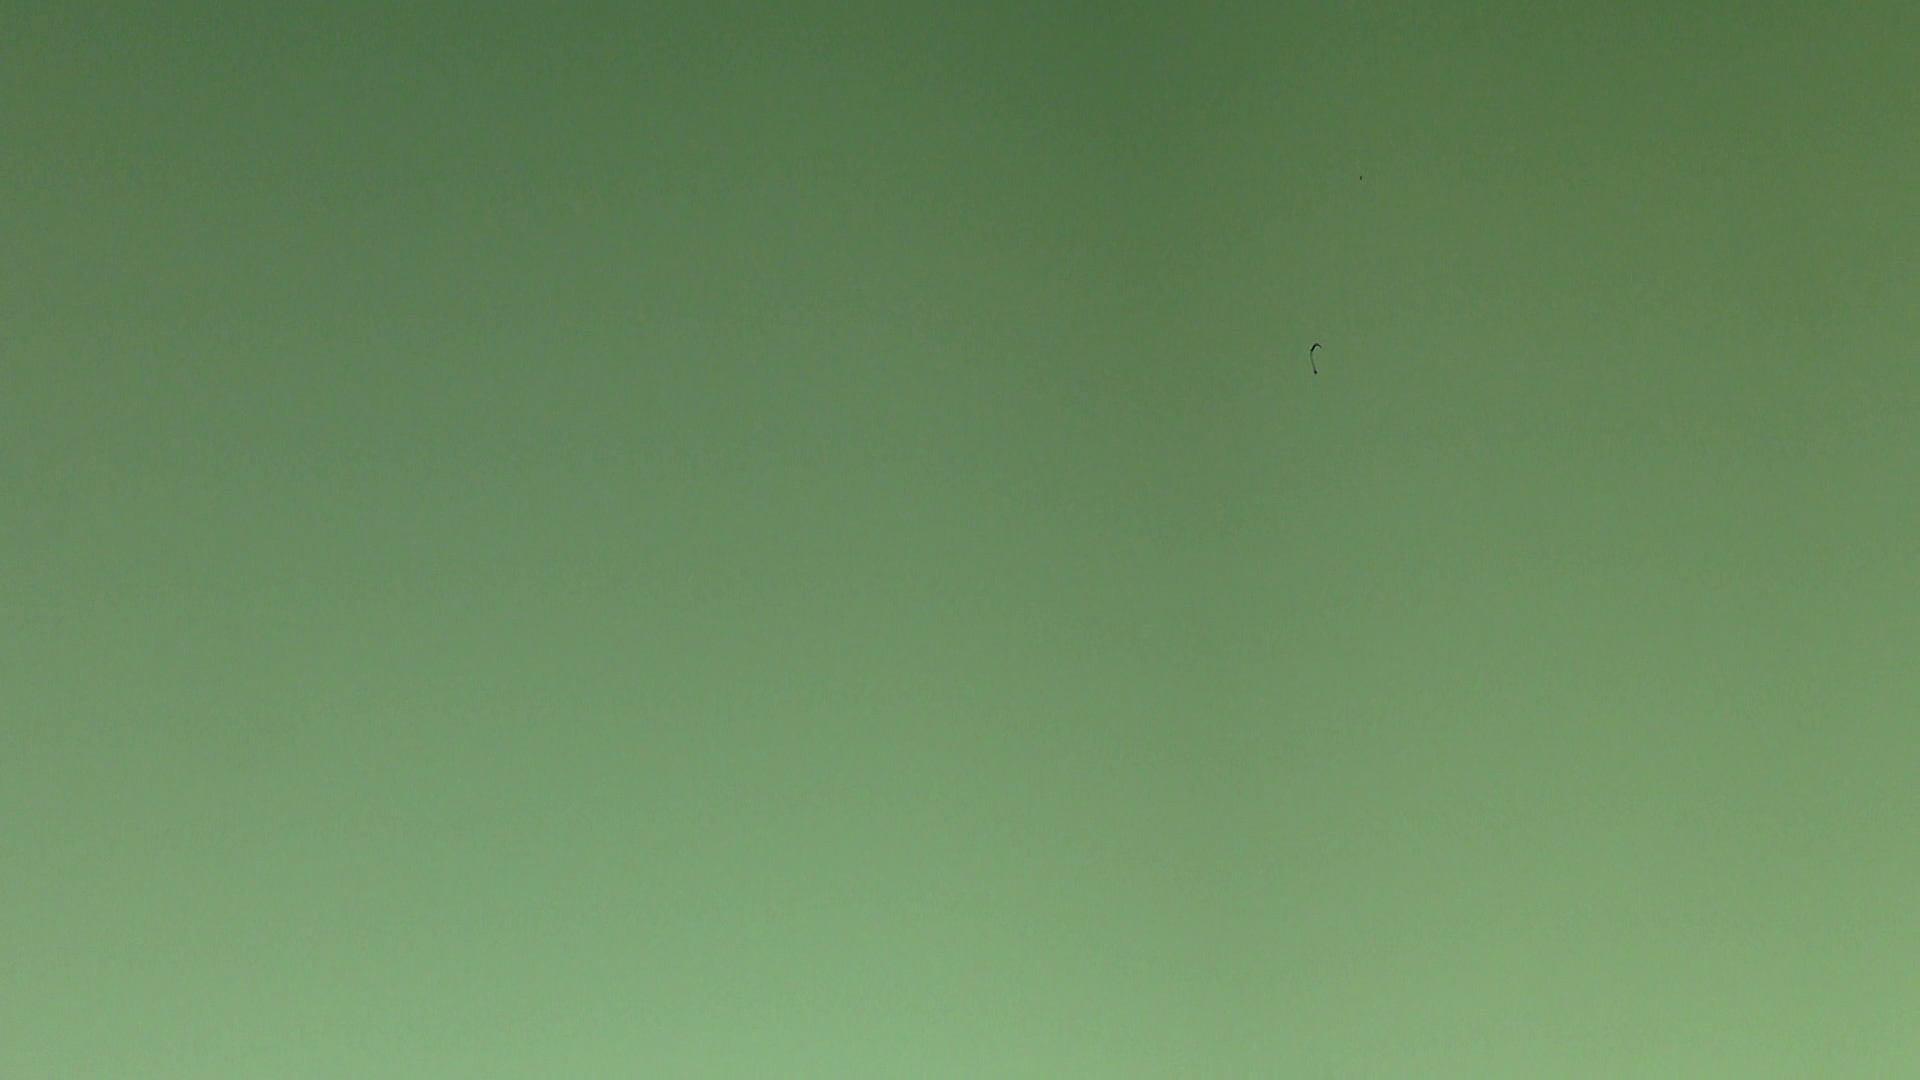 上級者の方専用 vol.03 OLセックス  82画像 24